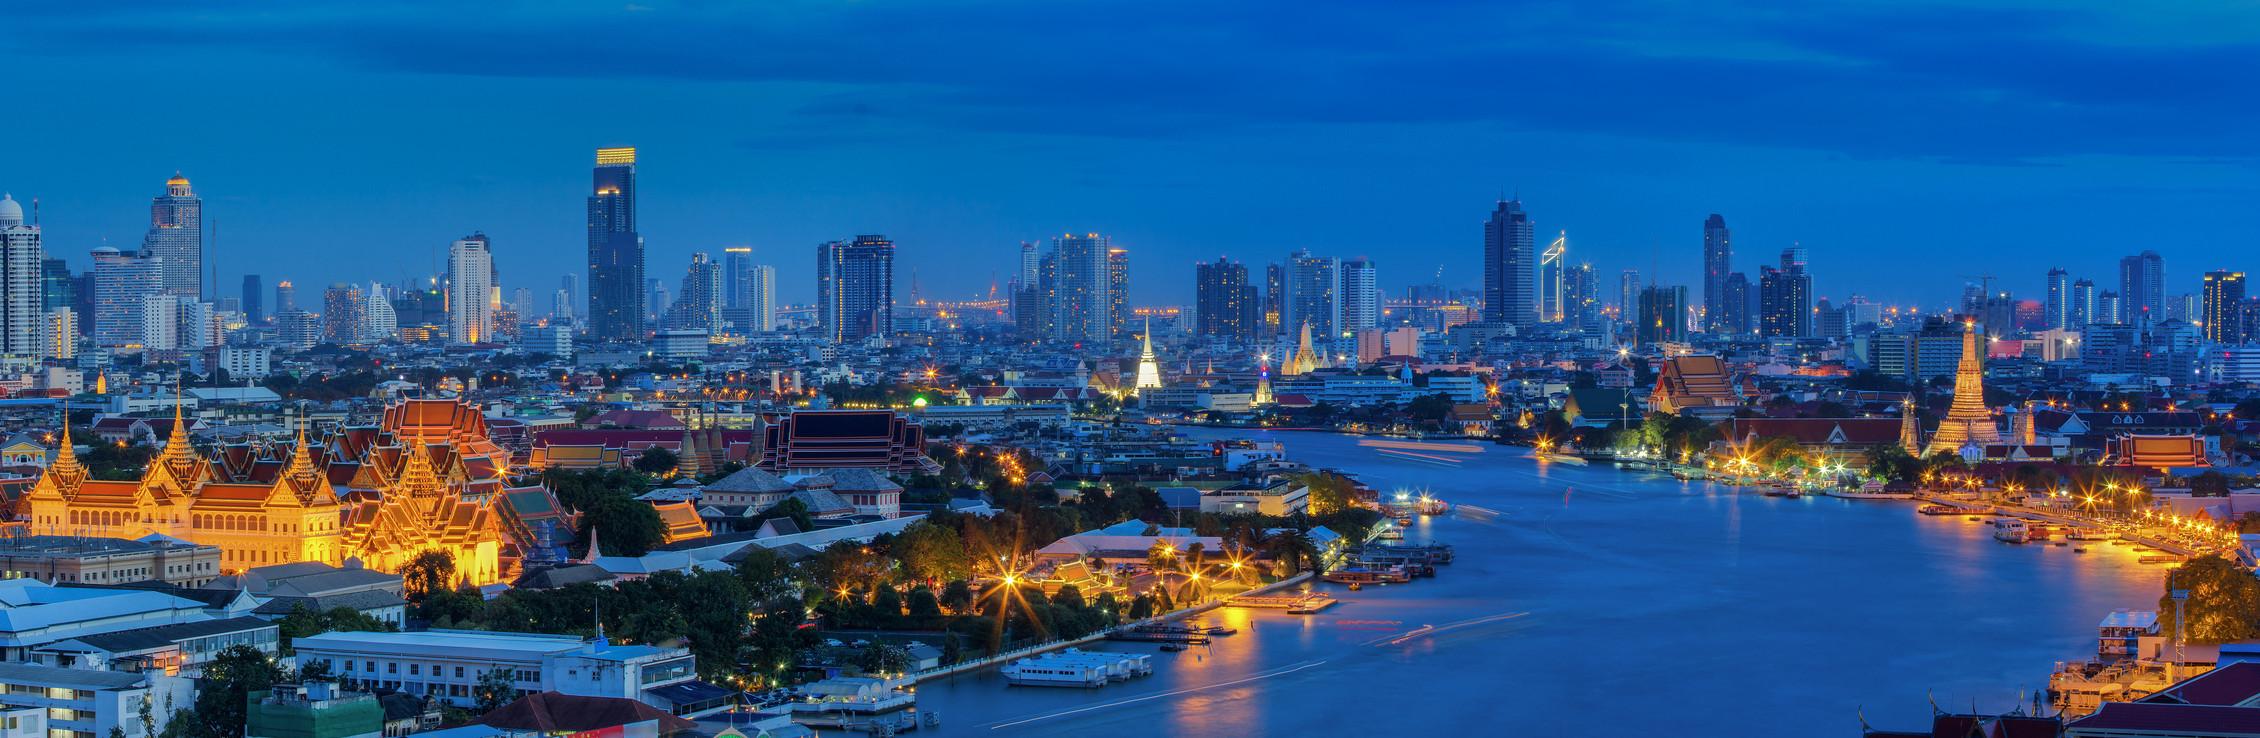 Grand Palace - Bangkok, Thailand